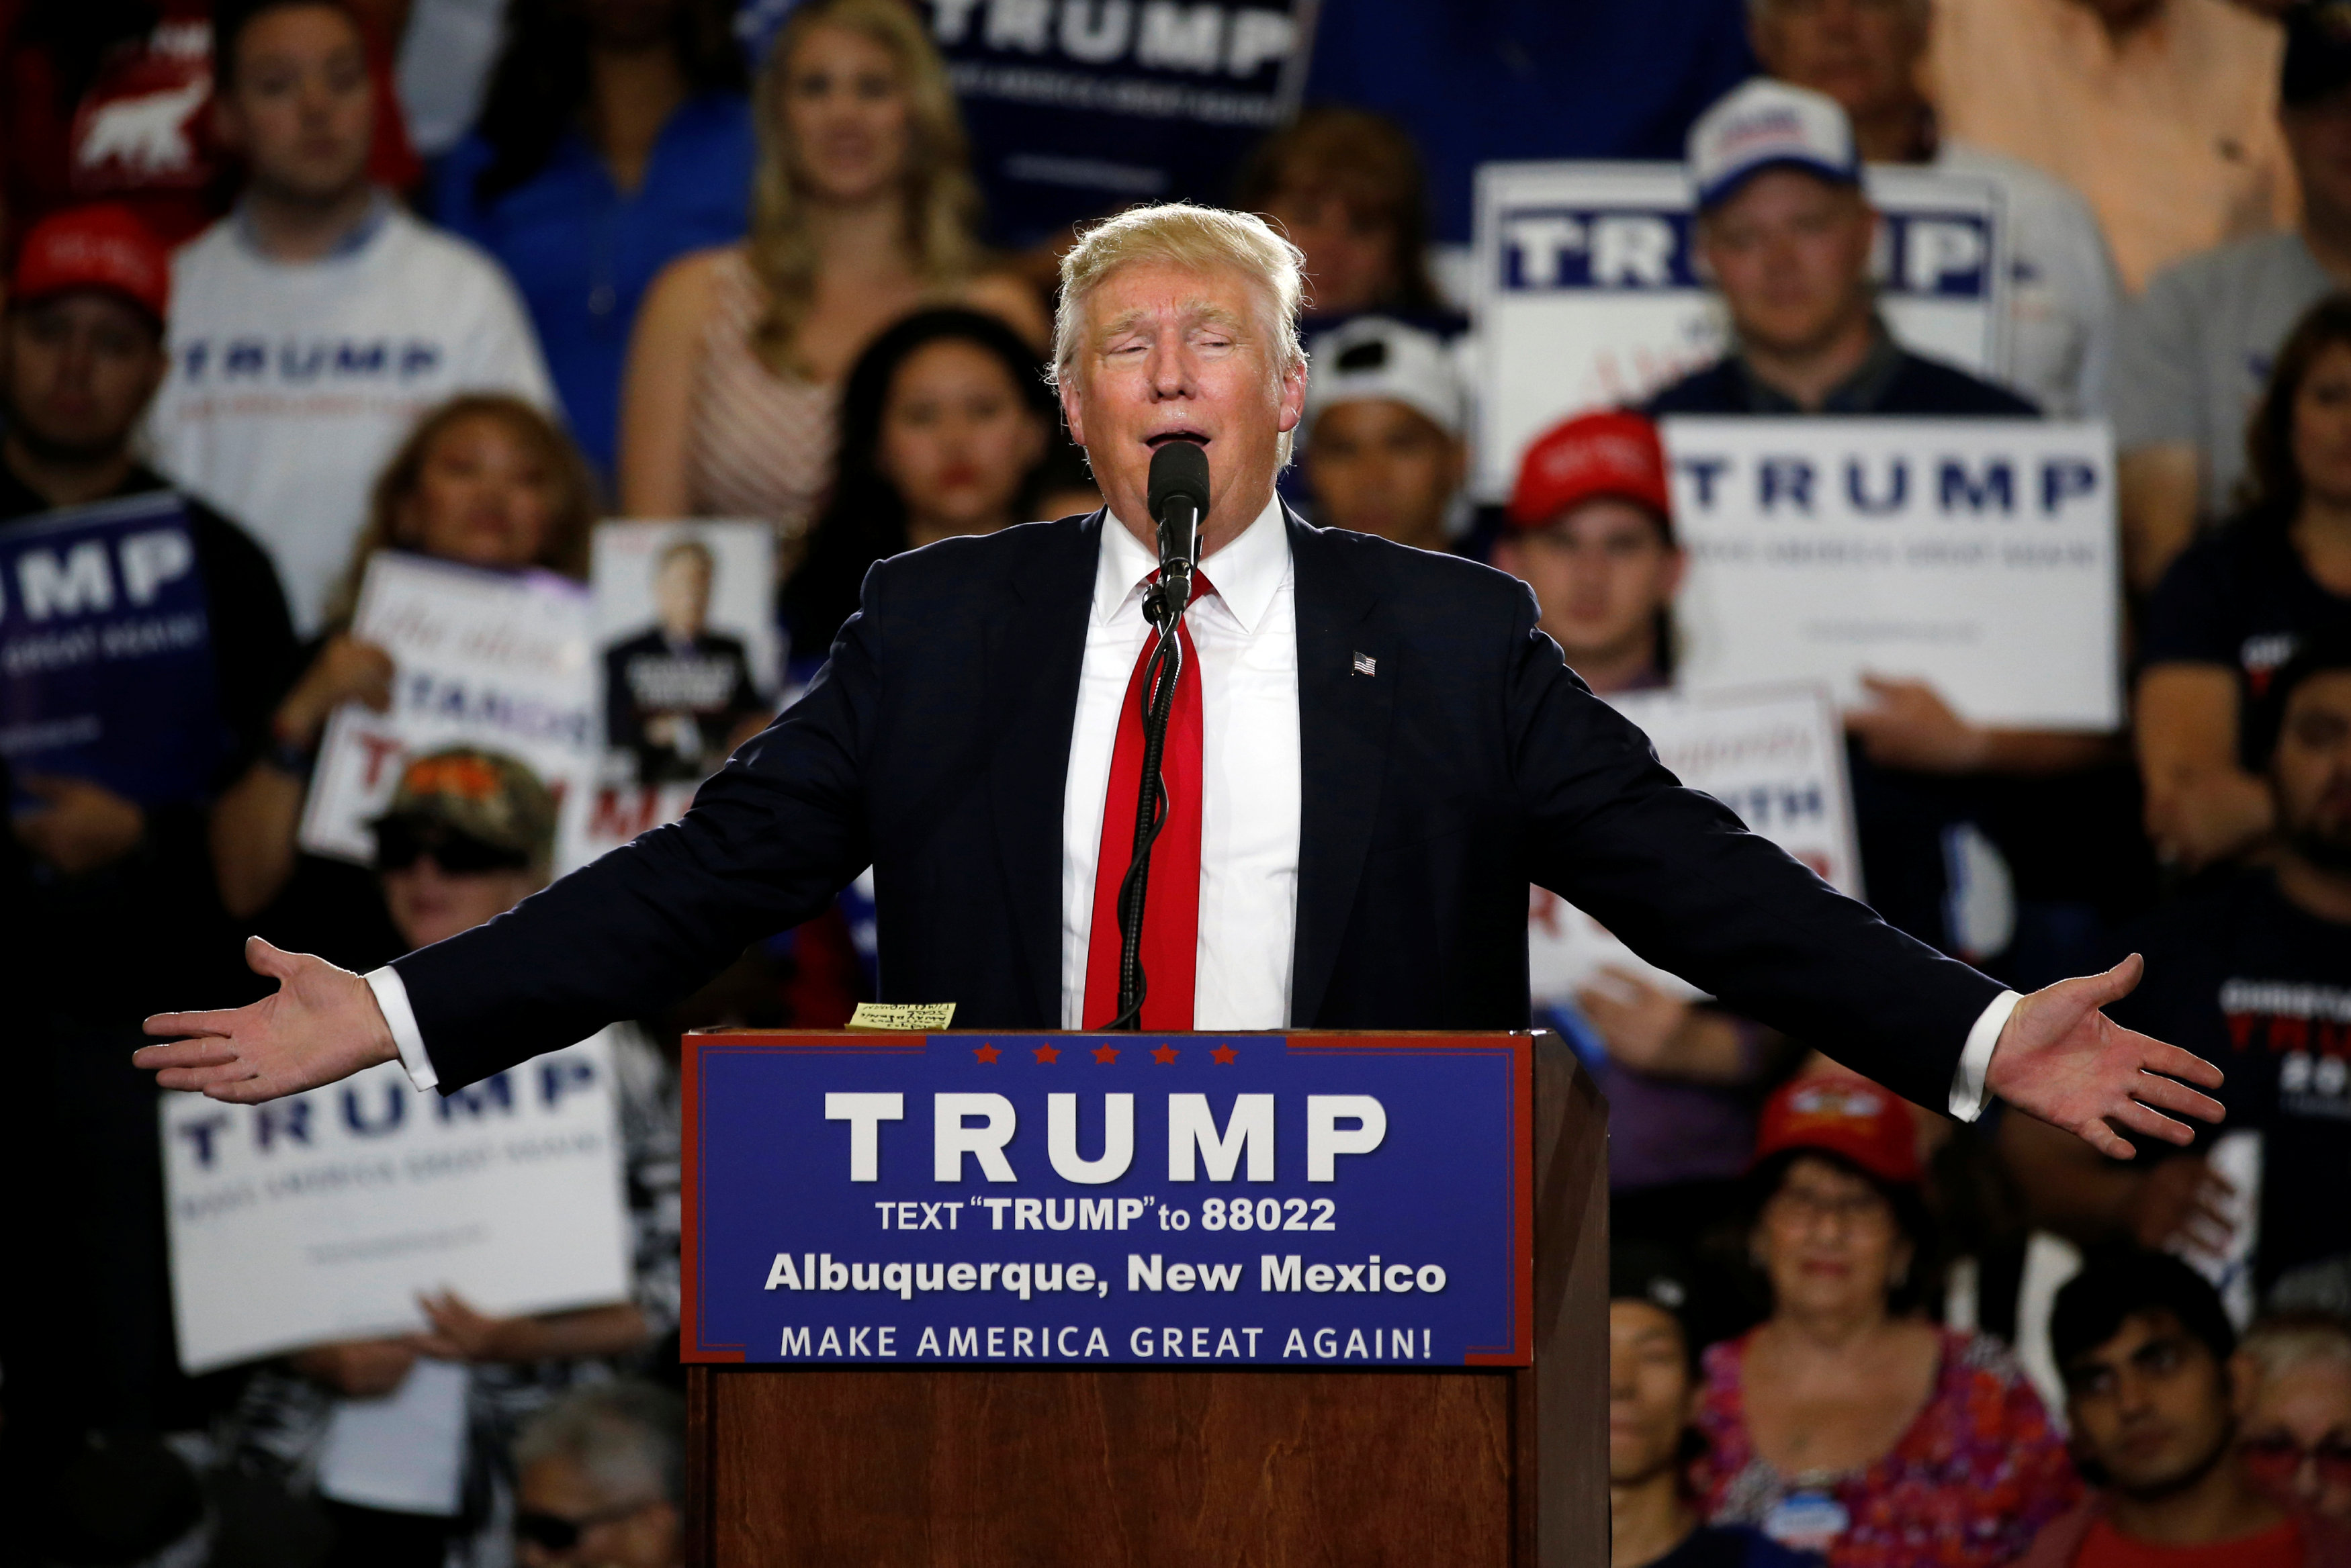 The danger of president Trump isn't dictatorship